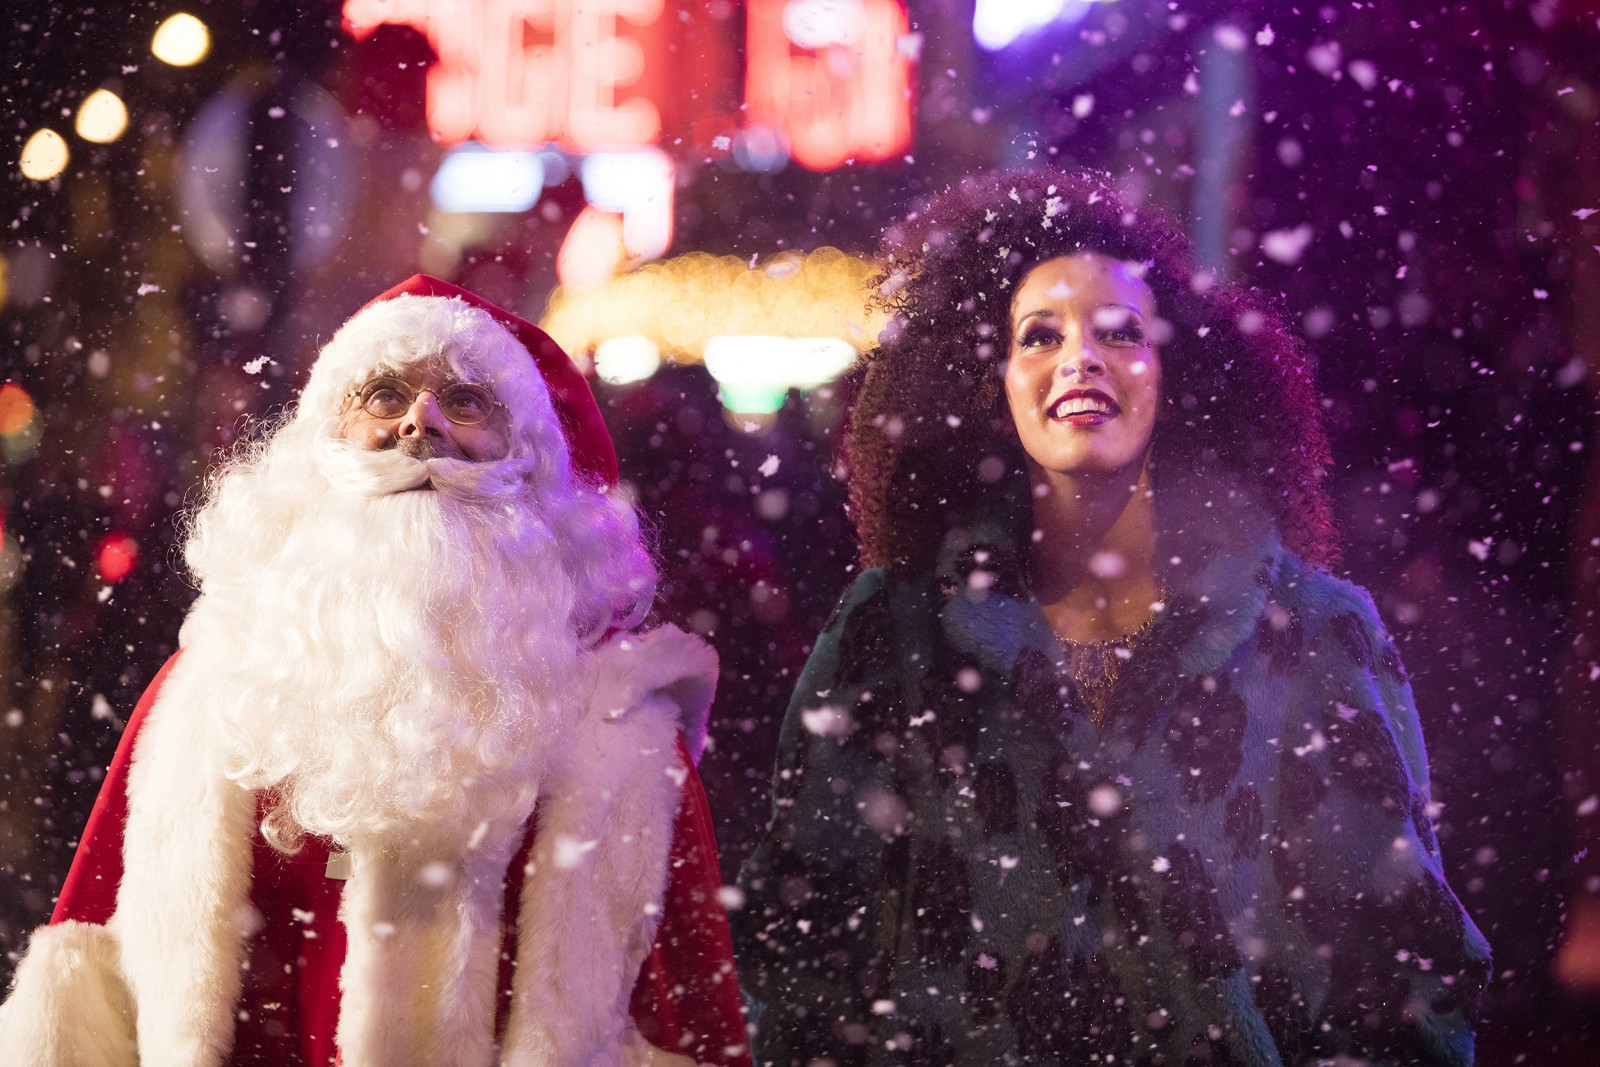 splendid film | Santa & Co. - Wer rettet Weihnachten?